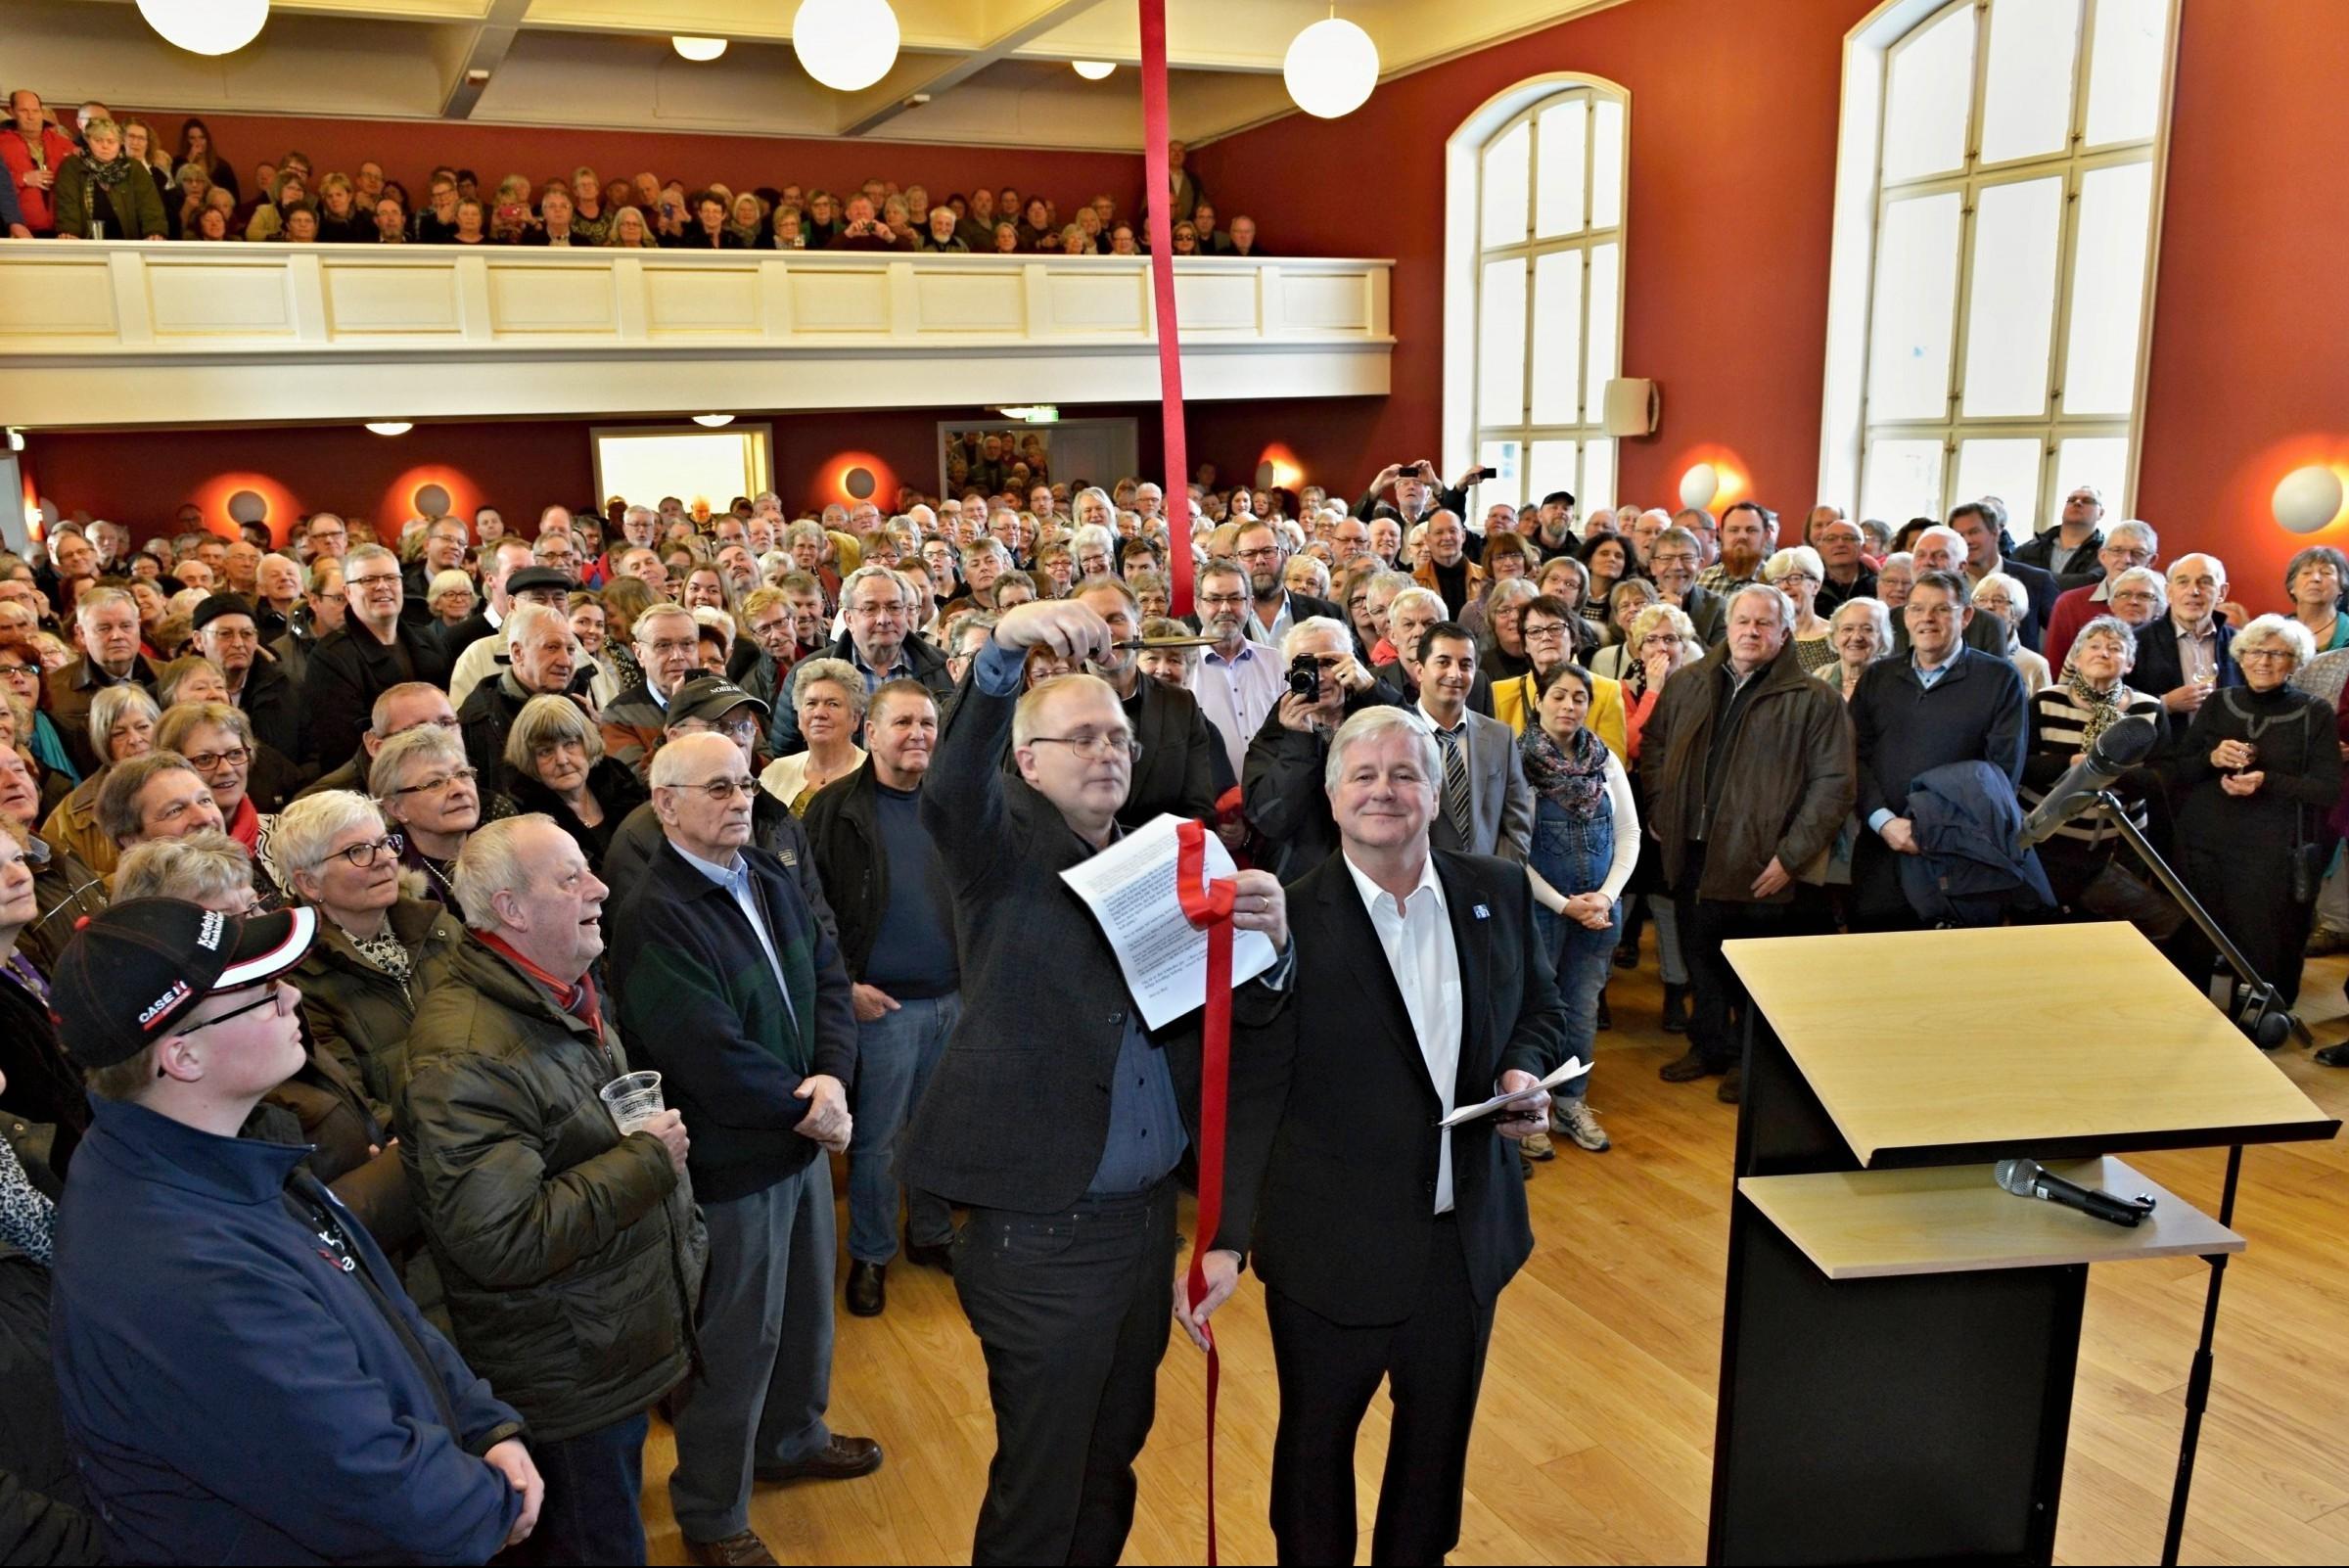 Borgmester Bjarne Nielsen klipper den røde snor